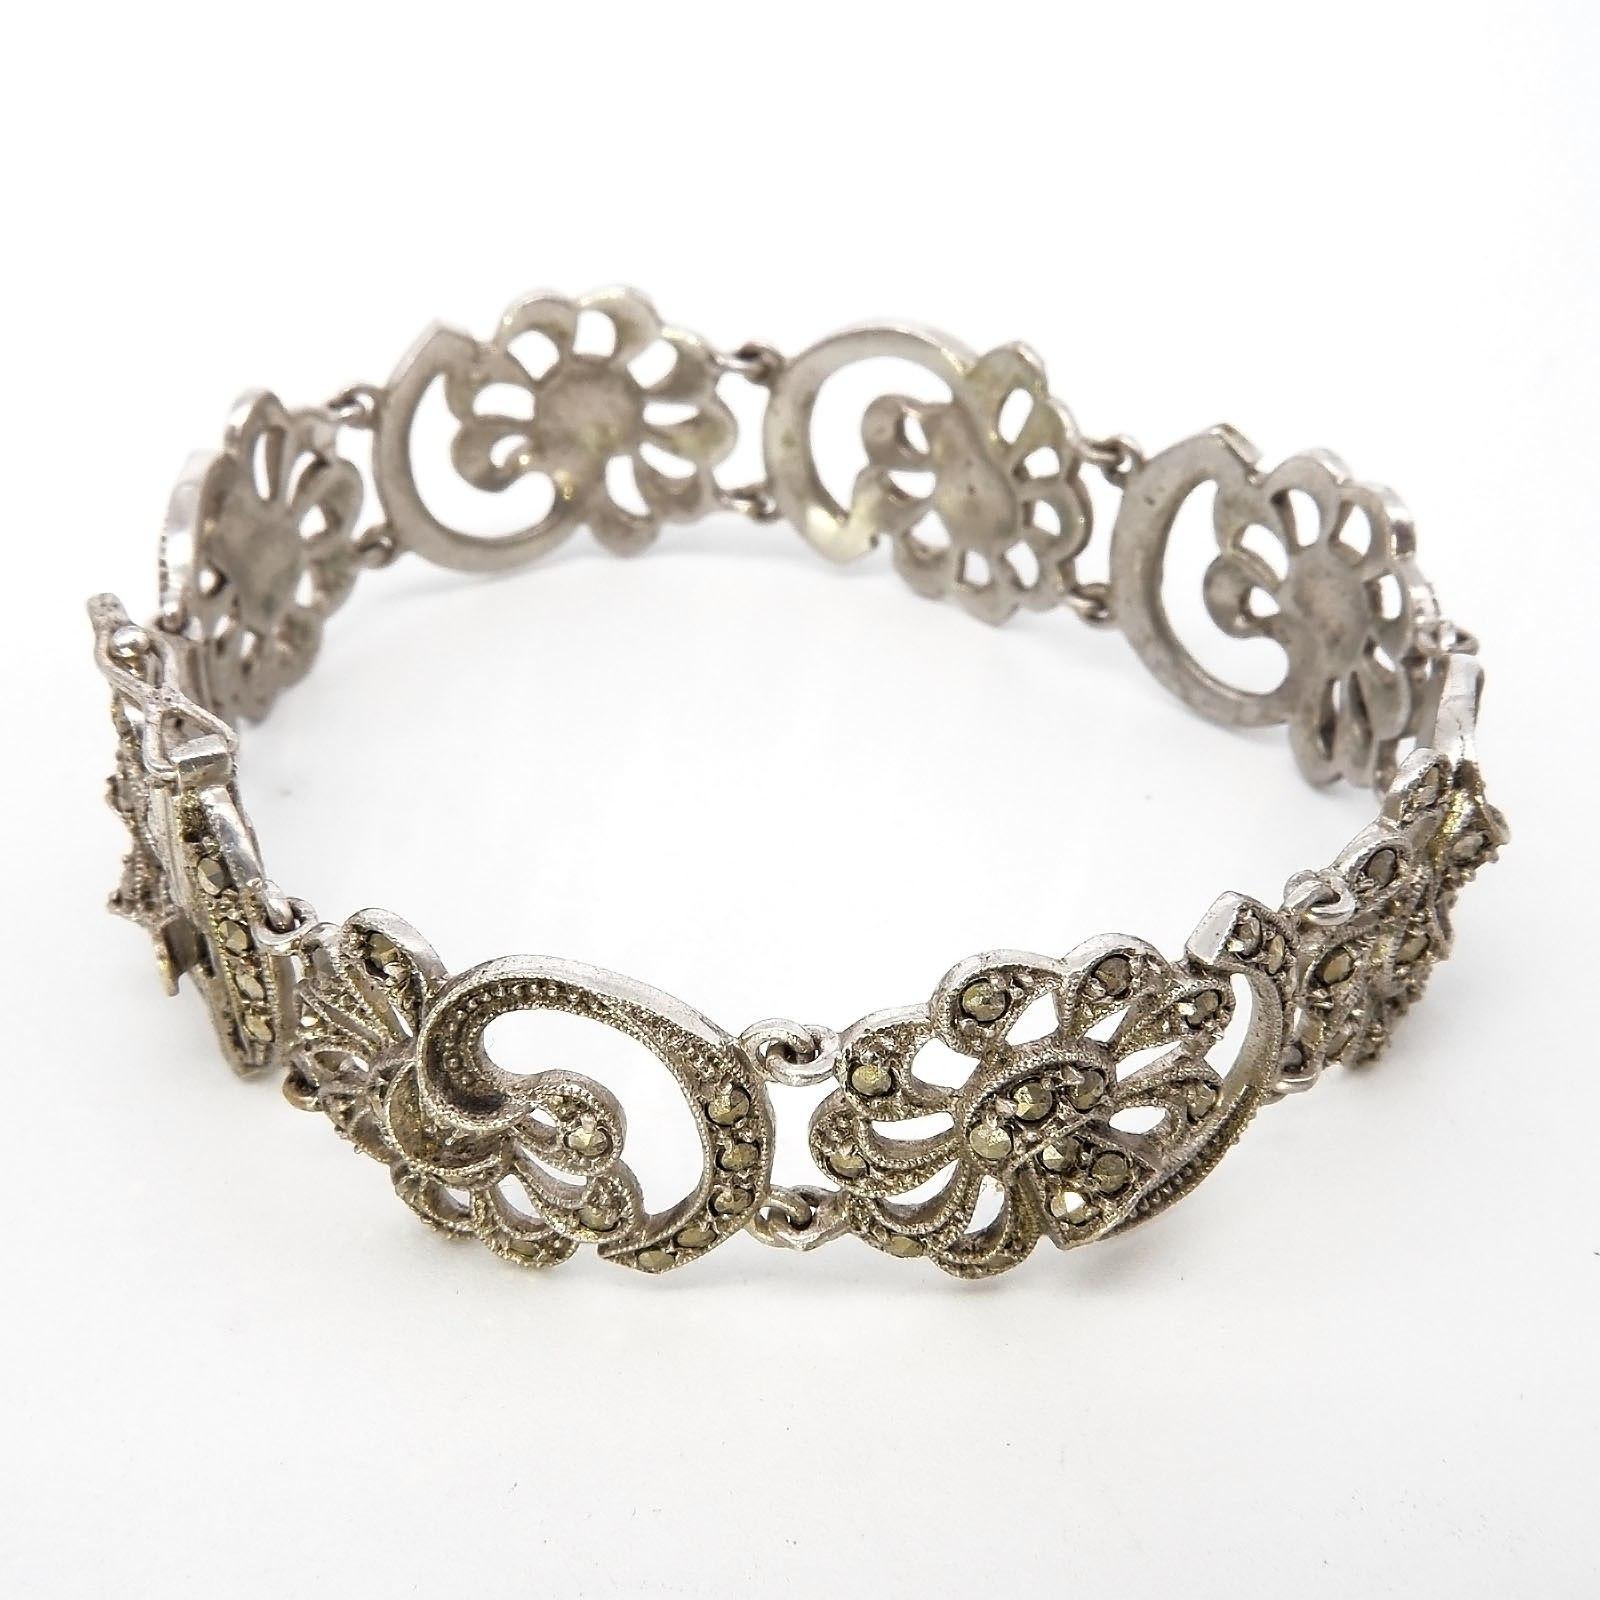 '835 Silver Bracelet Set with Marcasite Floral Design'